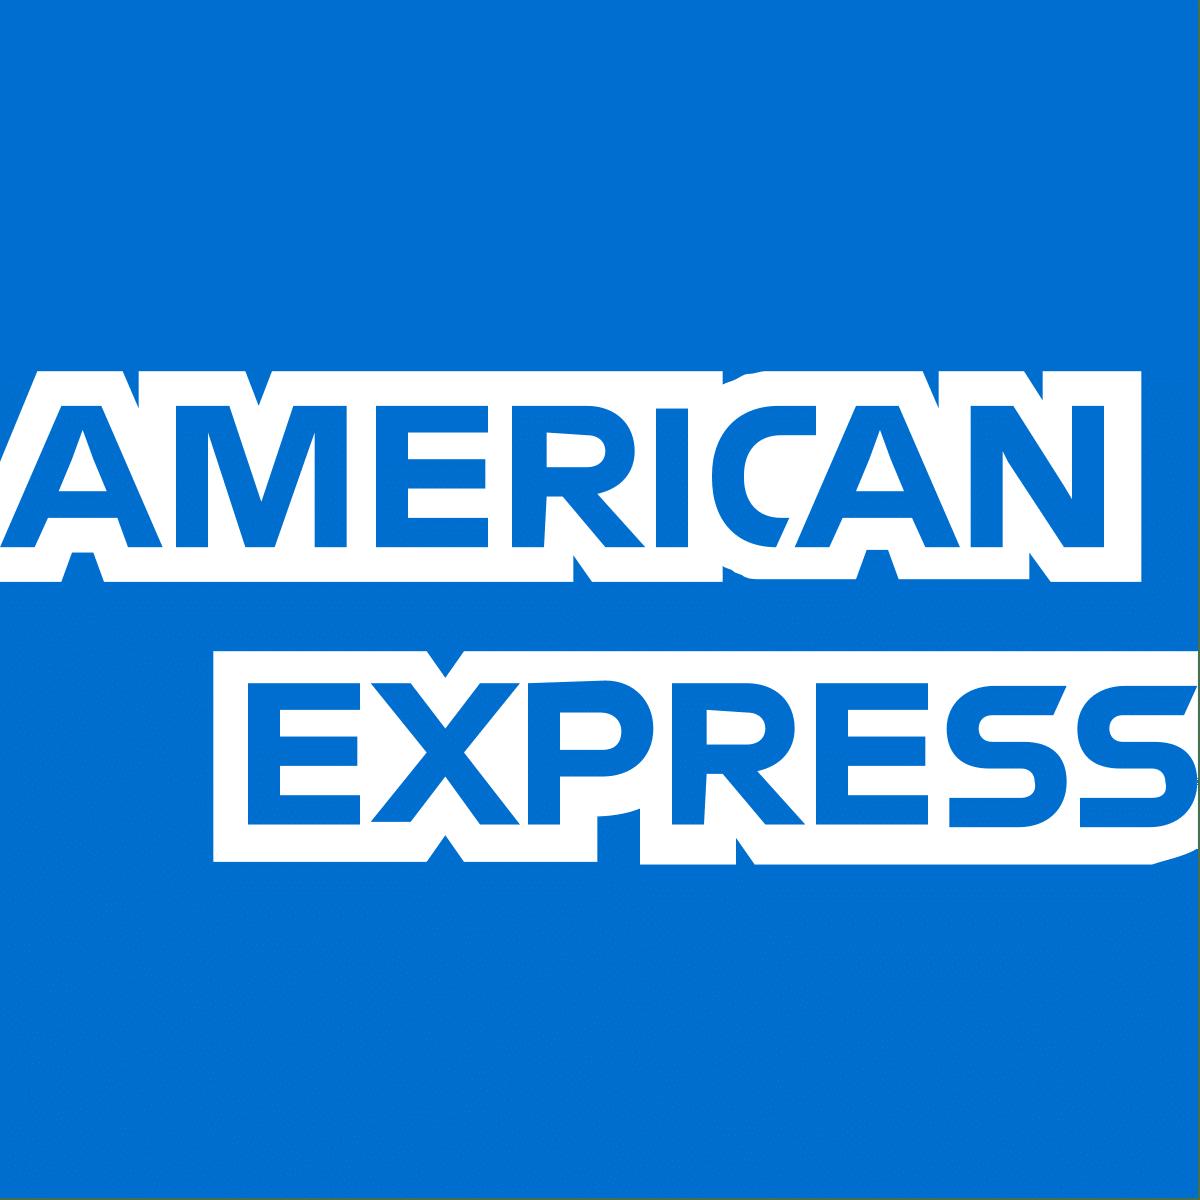 American Express Italia: Carte di Credito, Carte di Pagamento, servizi viaggio e assicurativ